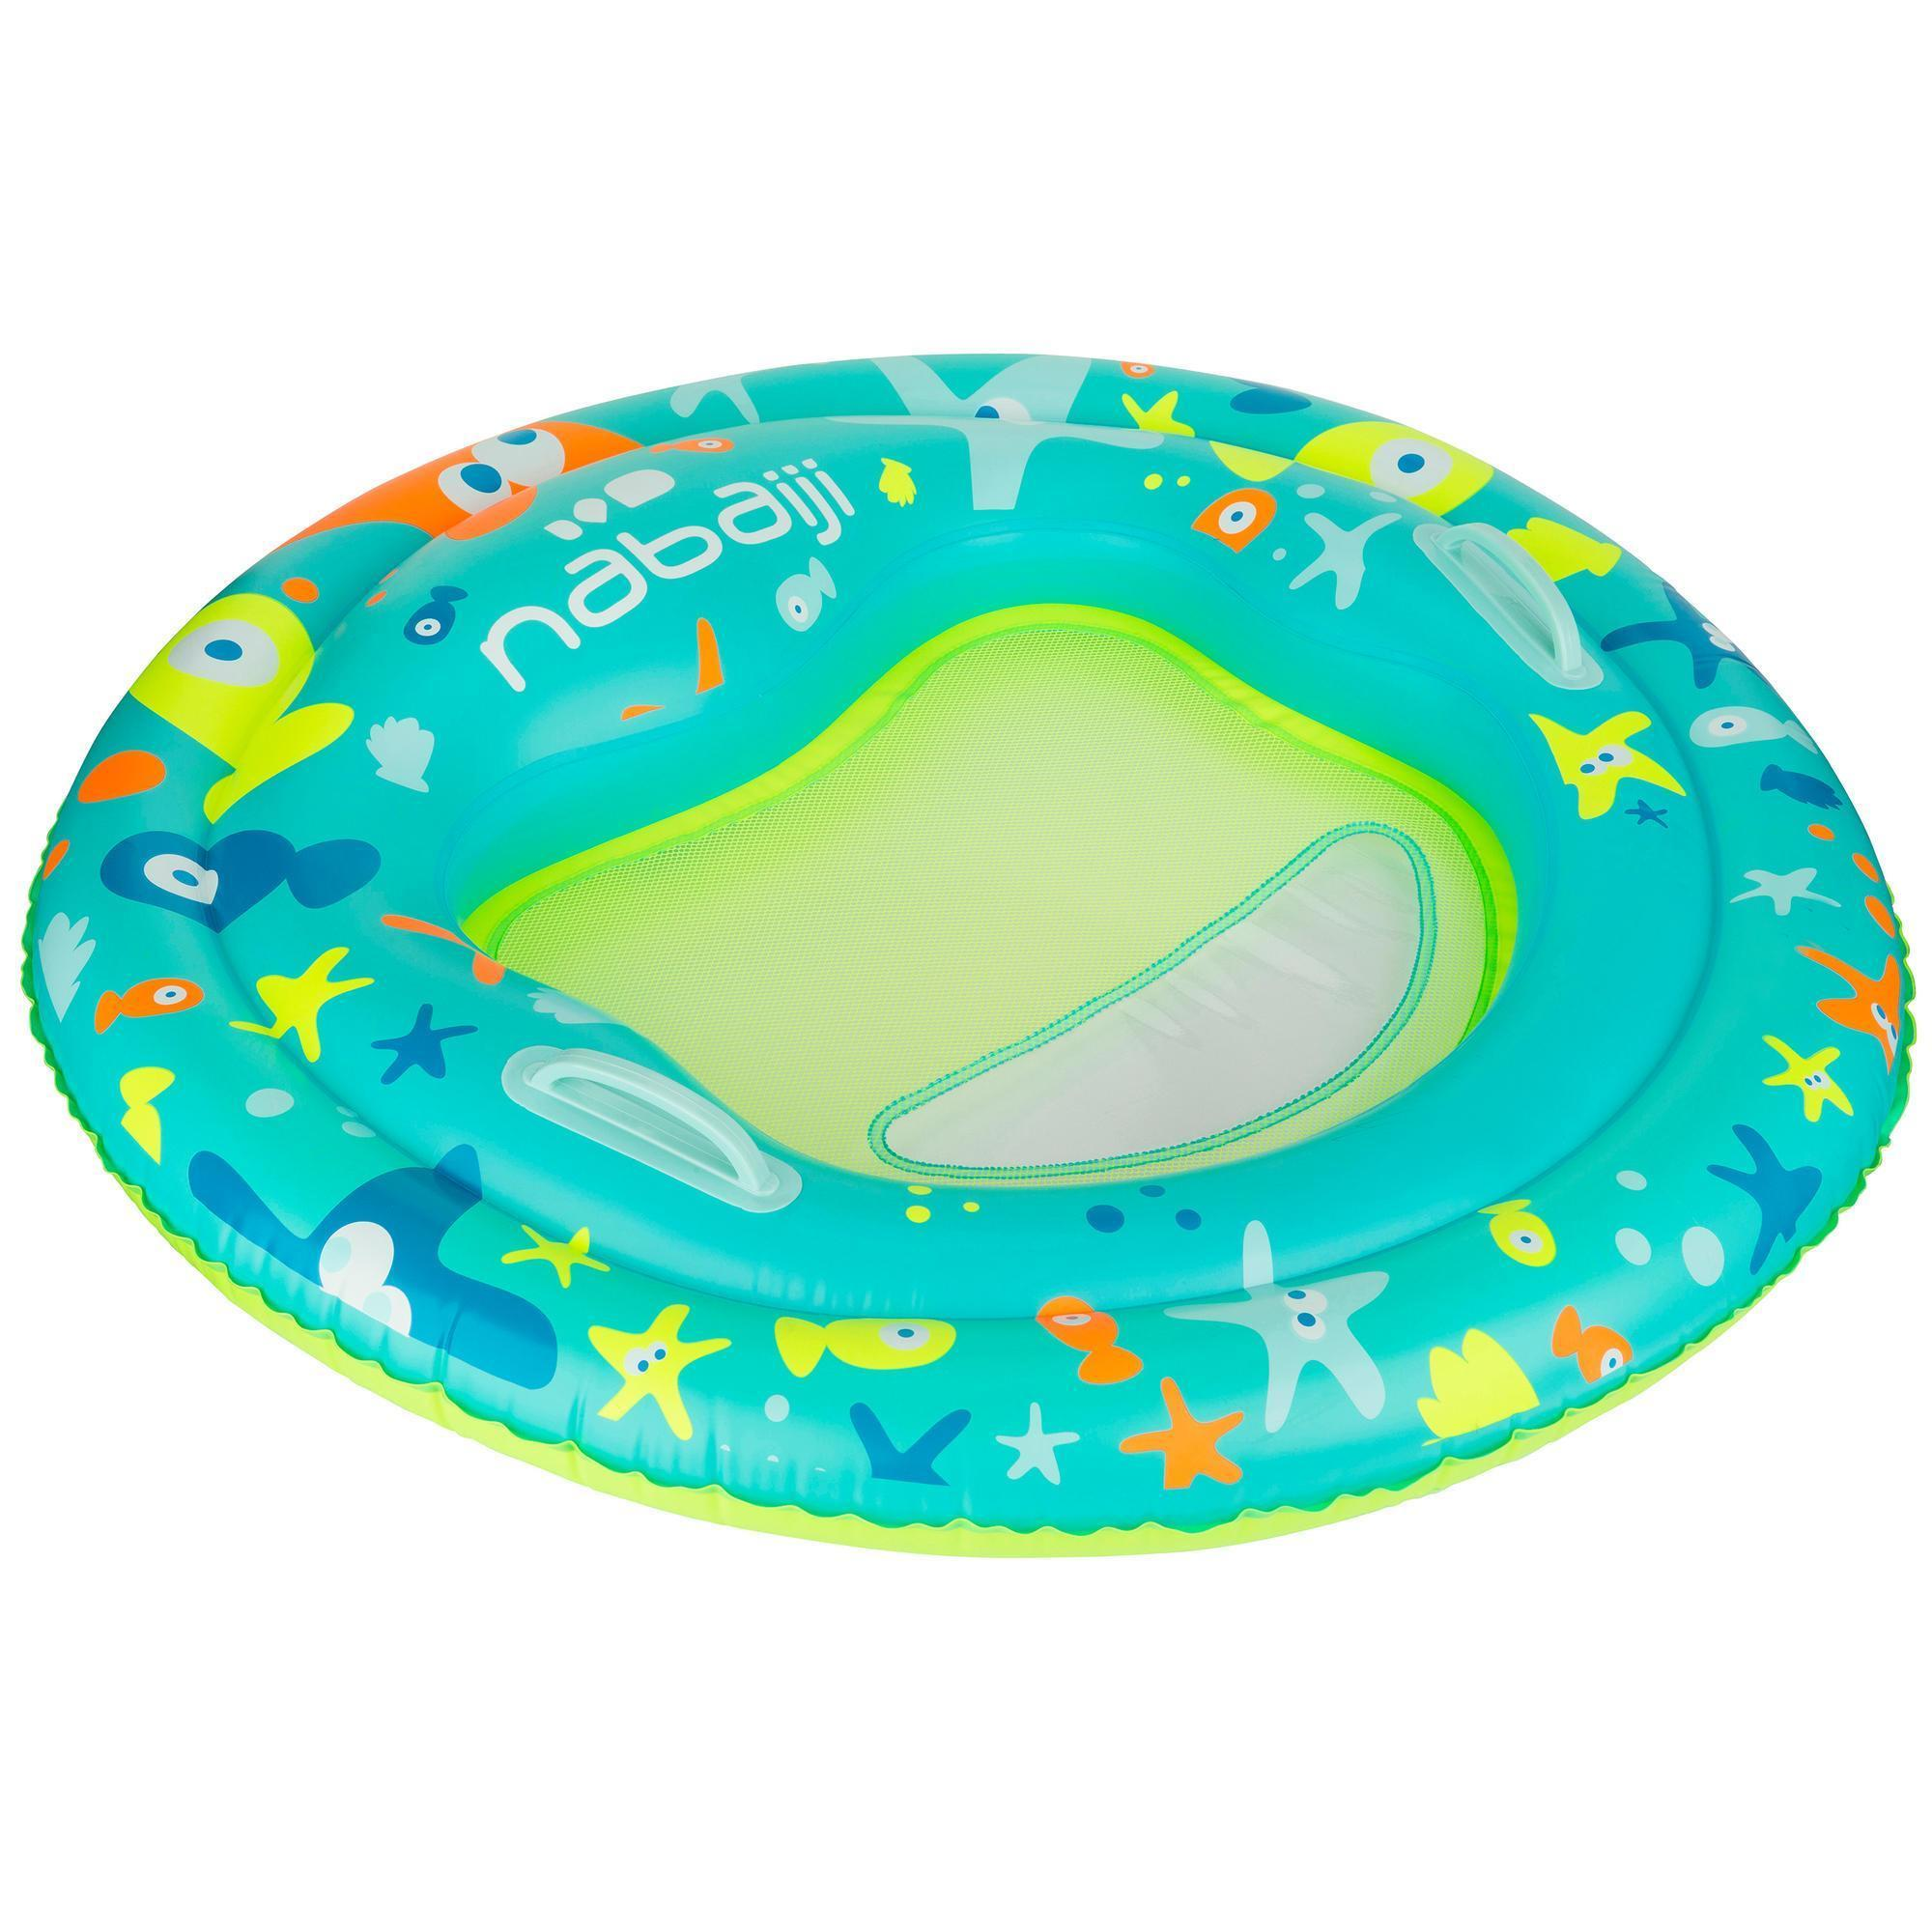 Tinoa Baby Learning To Swim Platform Blue Nabaiji